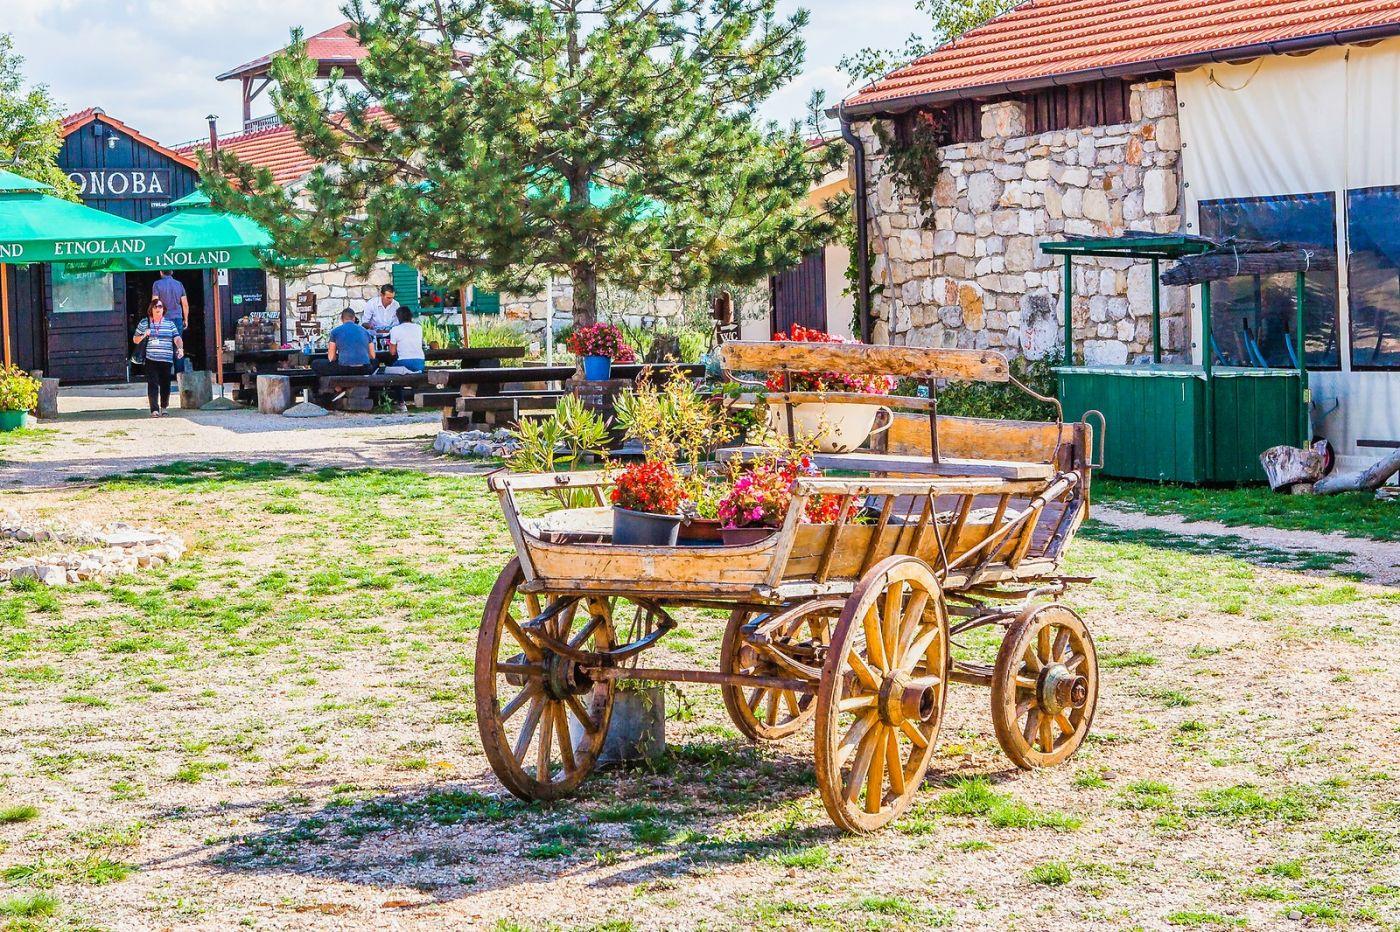 克罗地亚达尔马提亚村,独特的地域风貌_图1-20